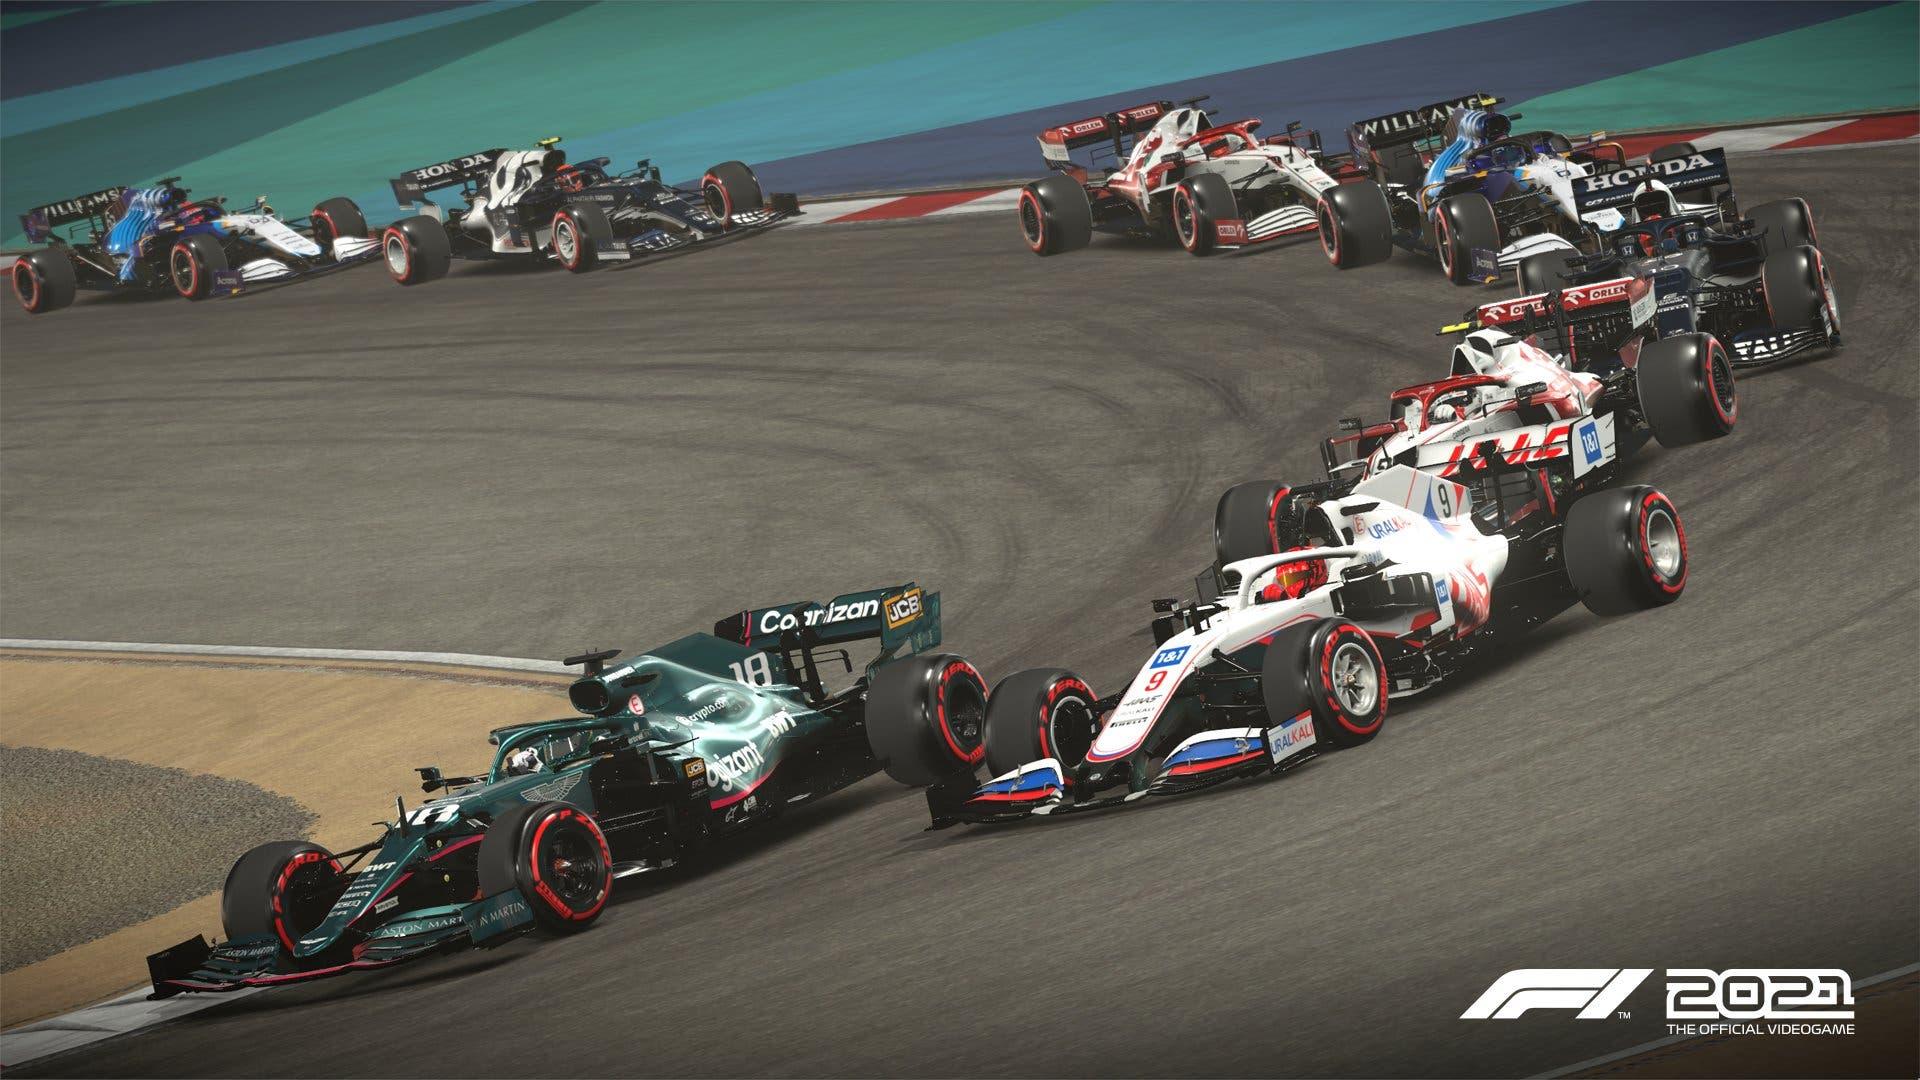 f1-2021-official-screenshot-4 Découvrez les premières images de F1 2021!